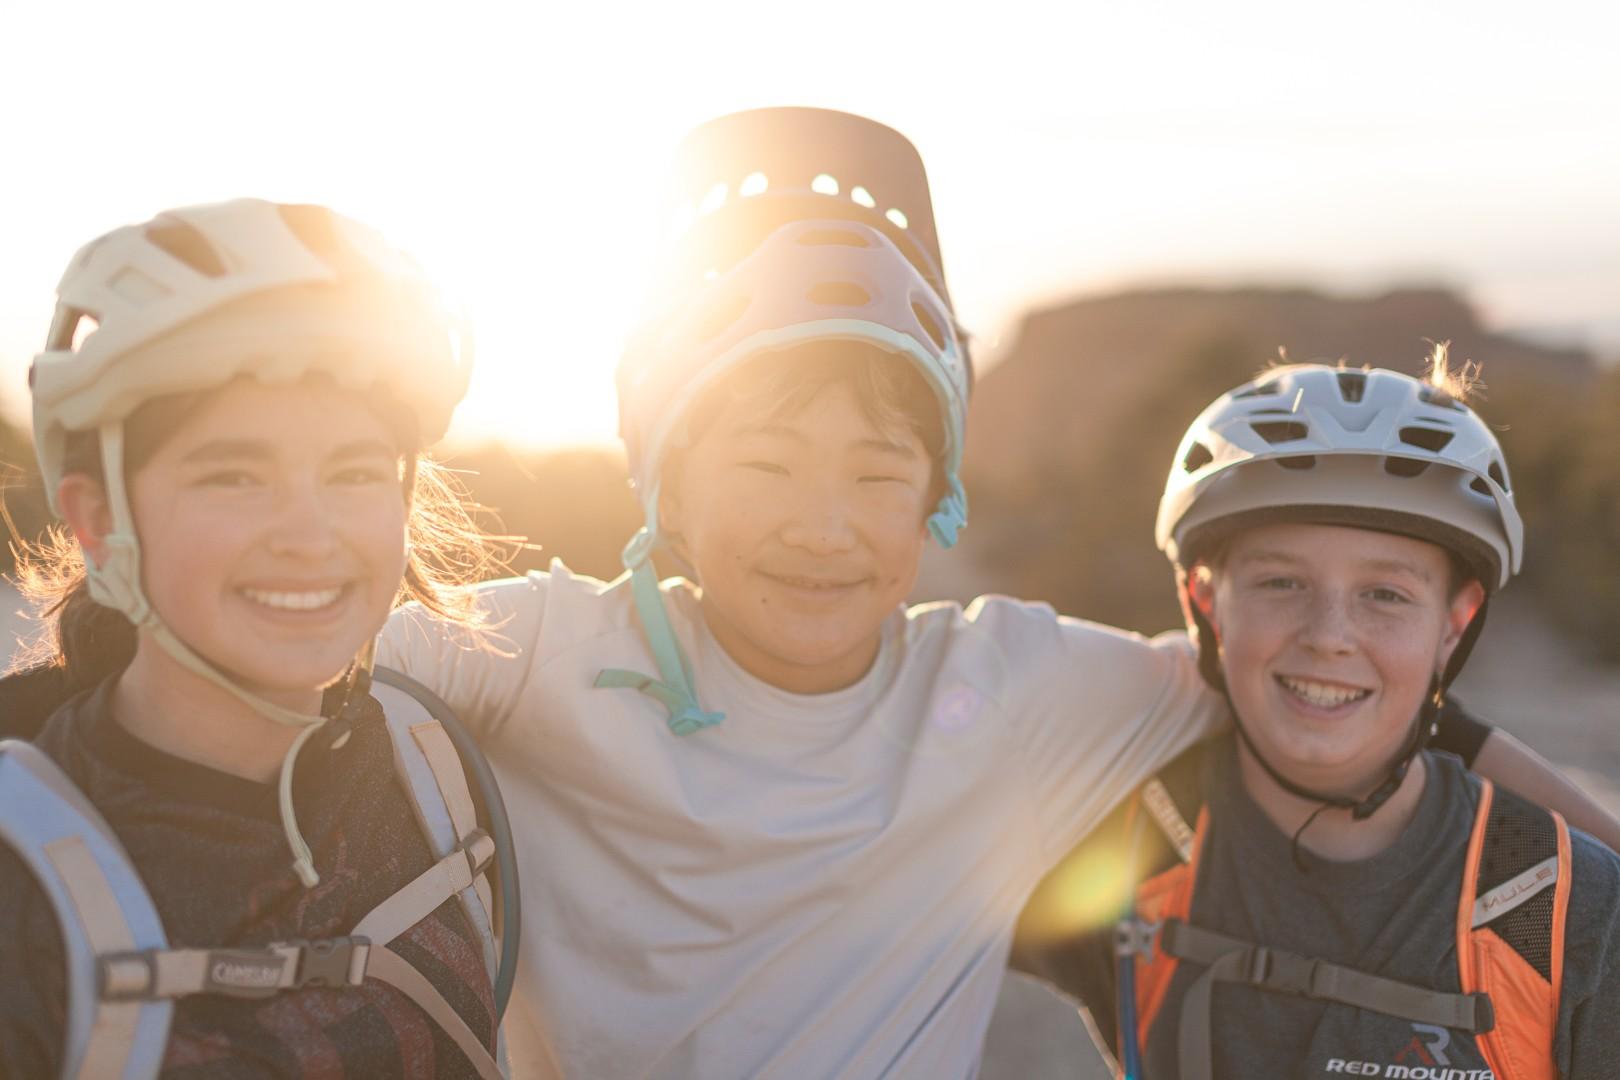 Youth Mountain Biking